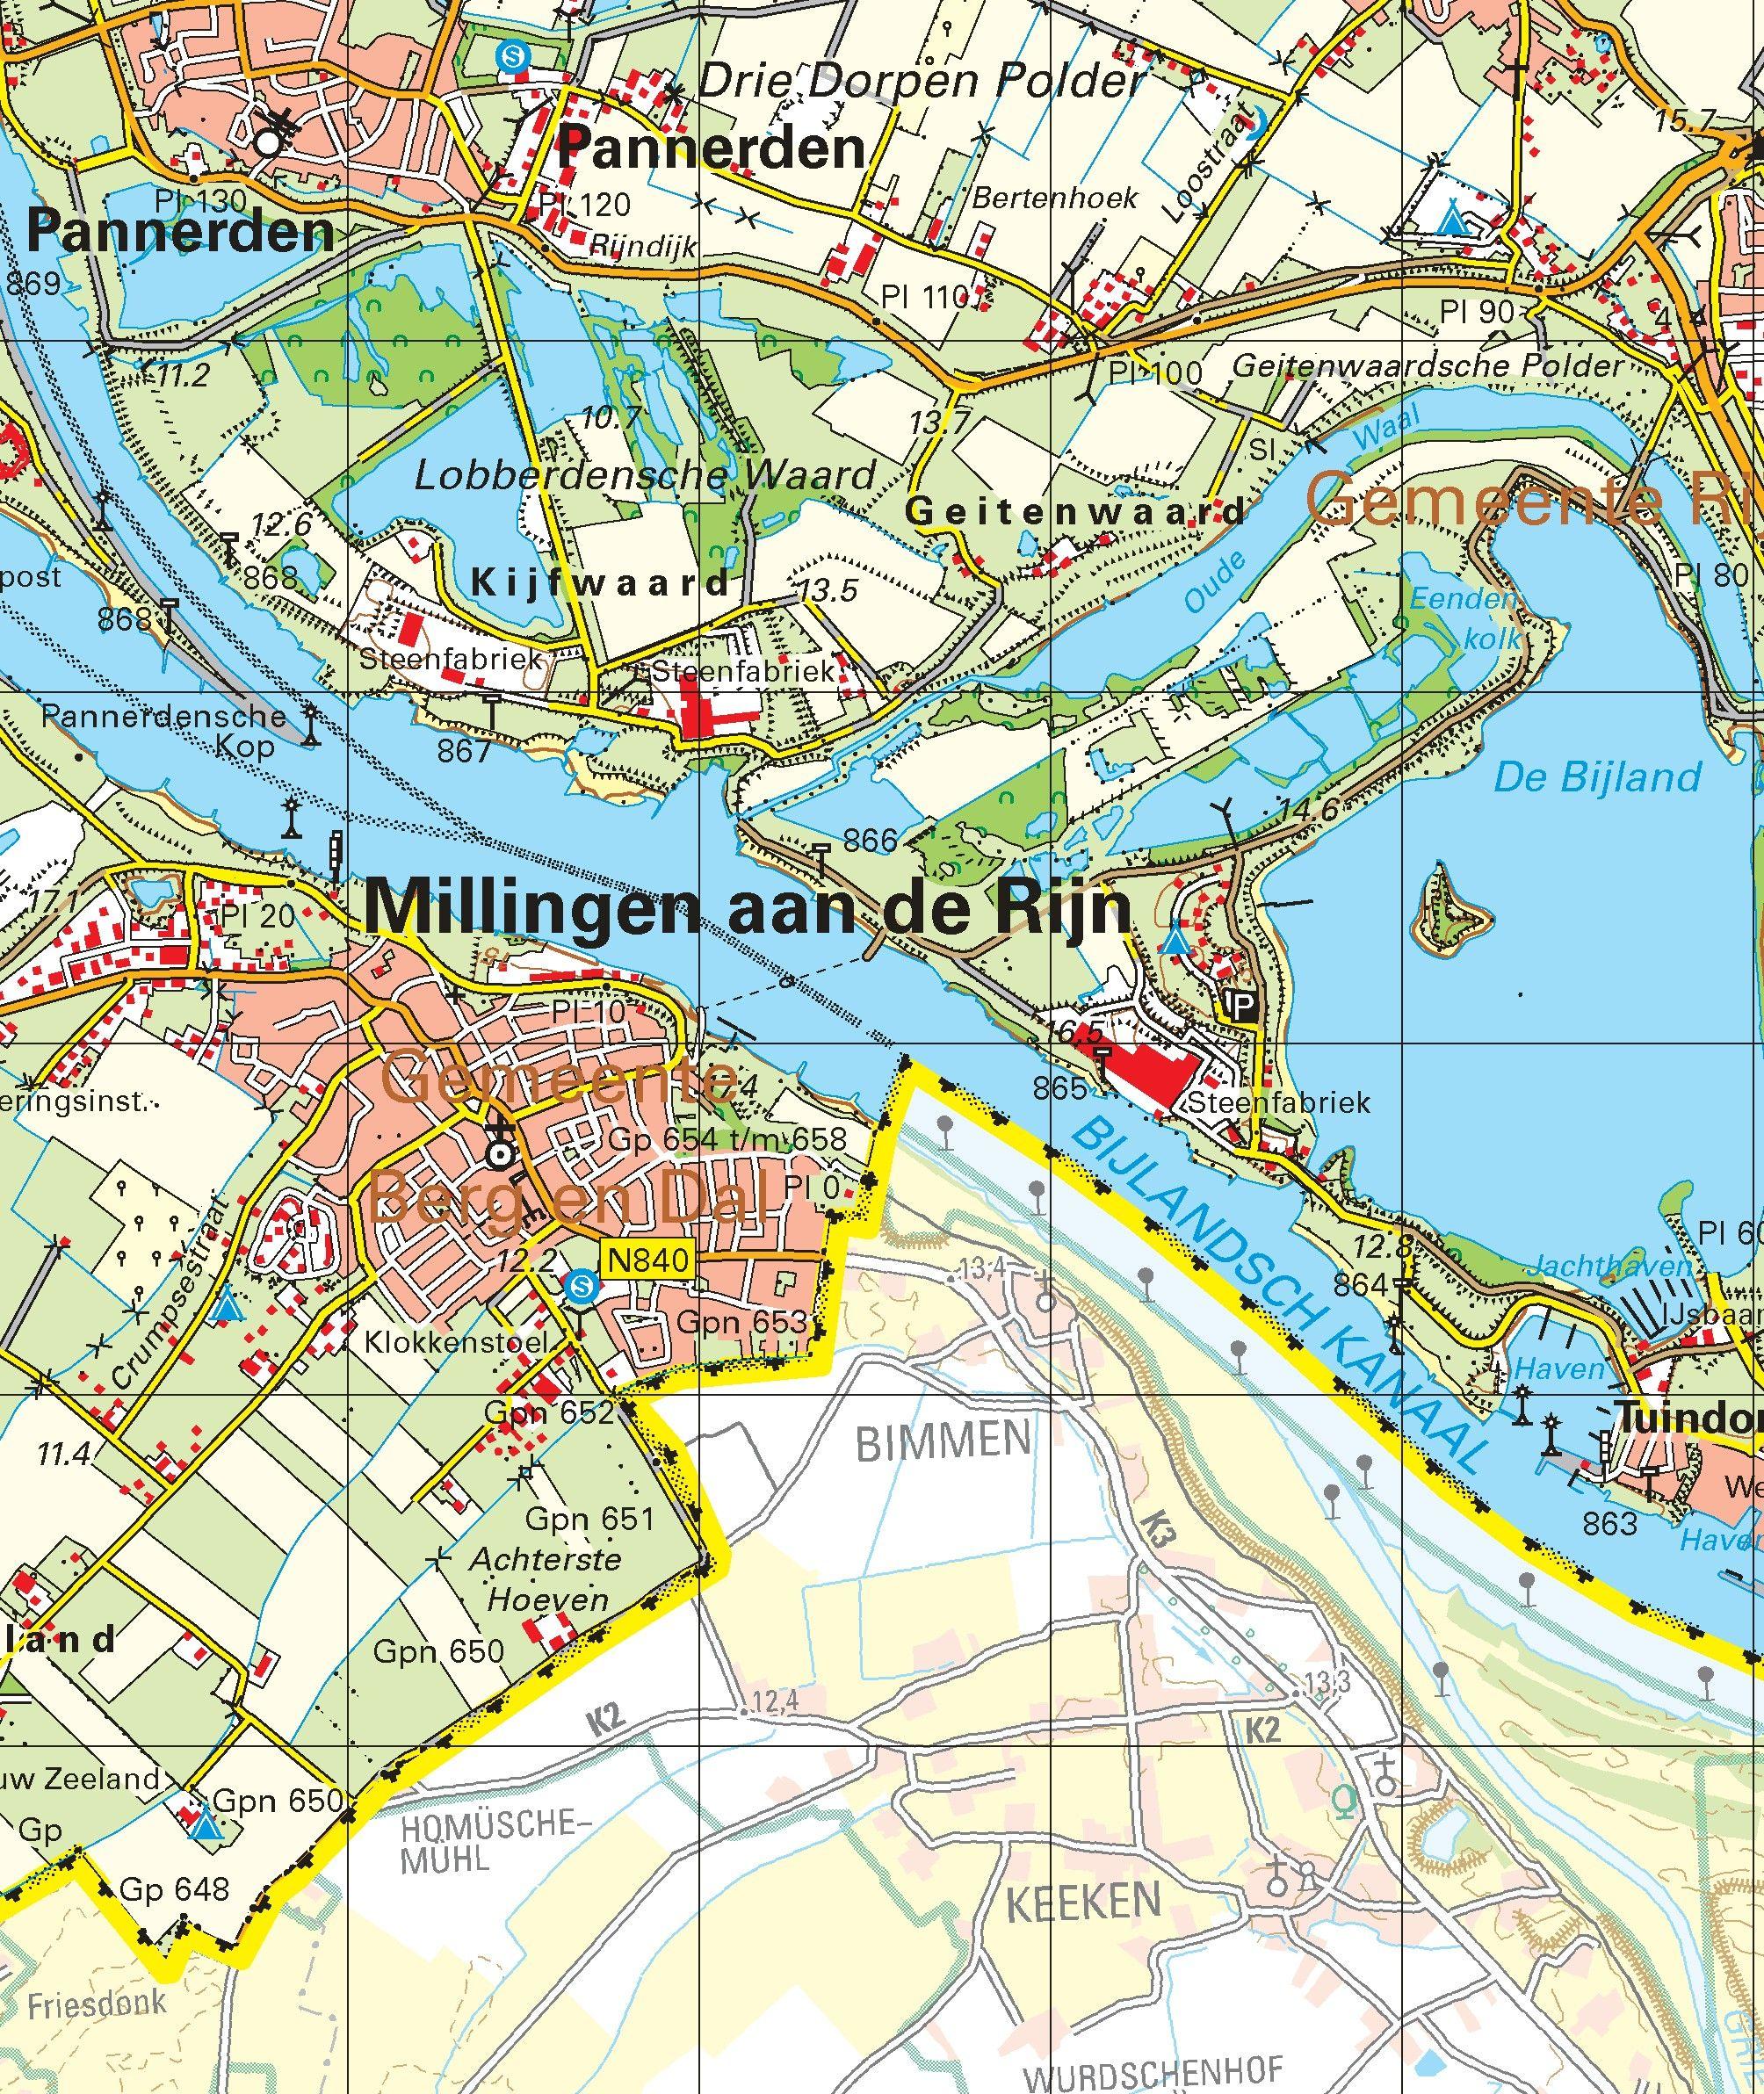 Topografische kaart schaal 1:50.000 (Arnhem, Nijmegen, Doetinchem ,Boxmeer)